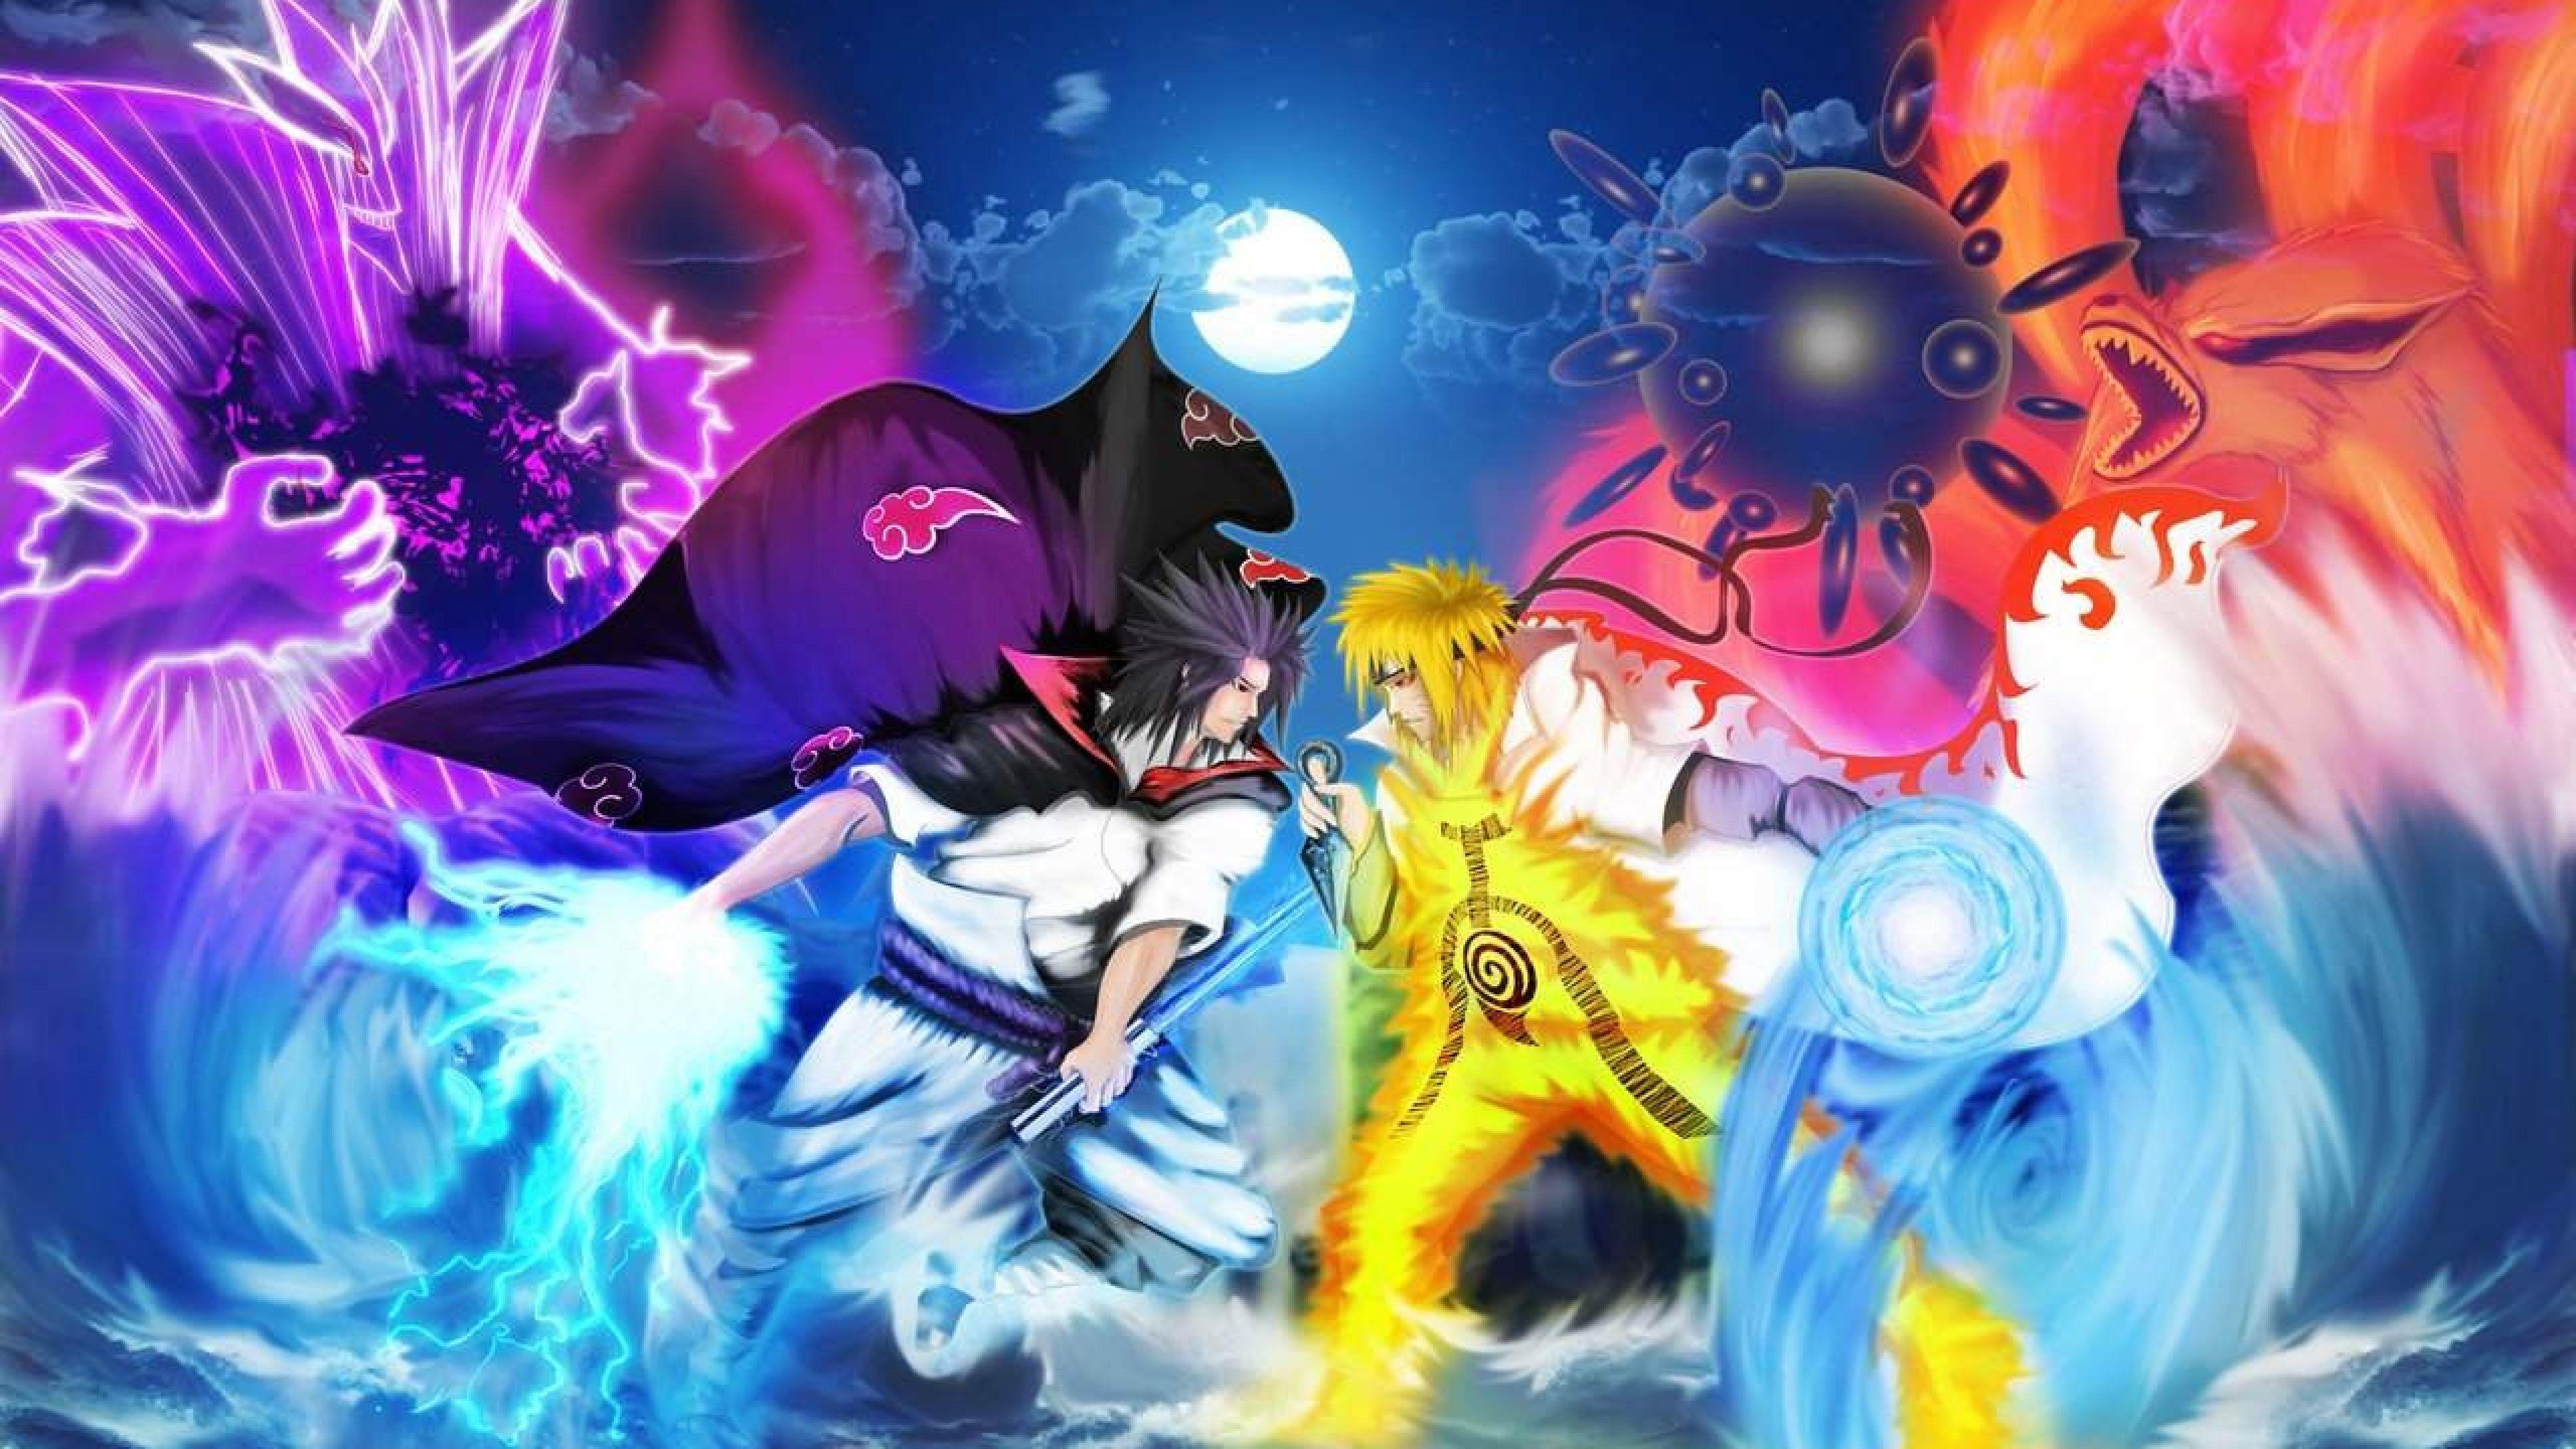 Naruto Vs Sasuke In 2020 Naruto And Sasuke Wallpaper Anime Wallpaper Naruto Vs Sasuke